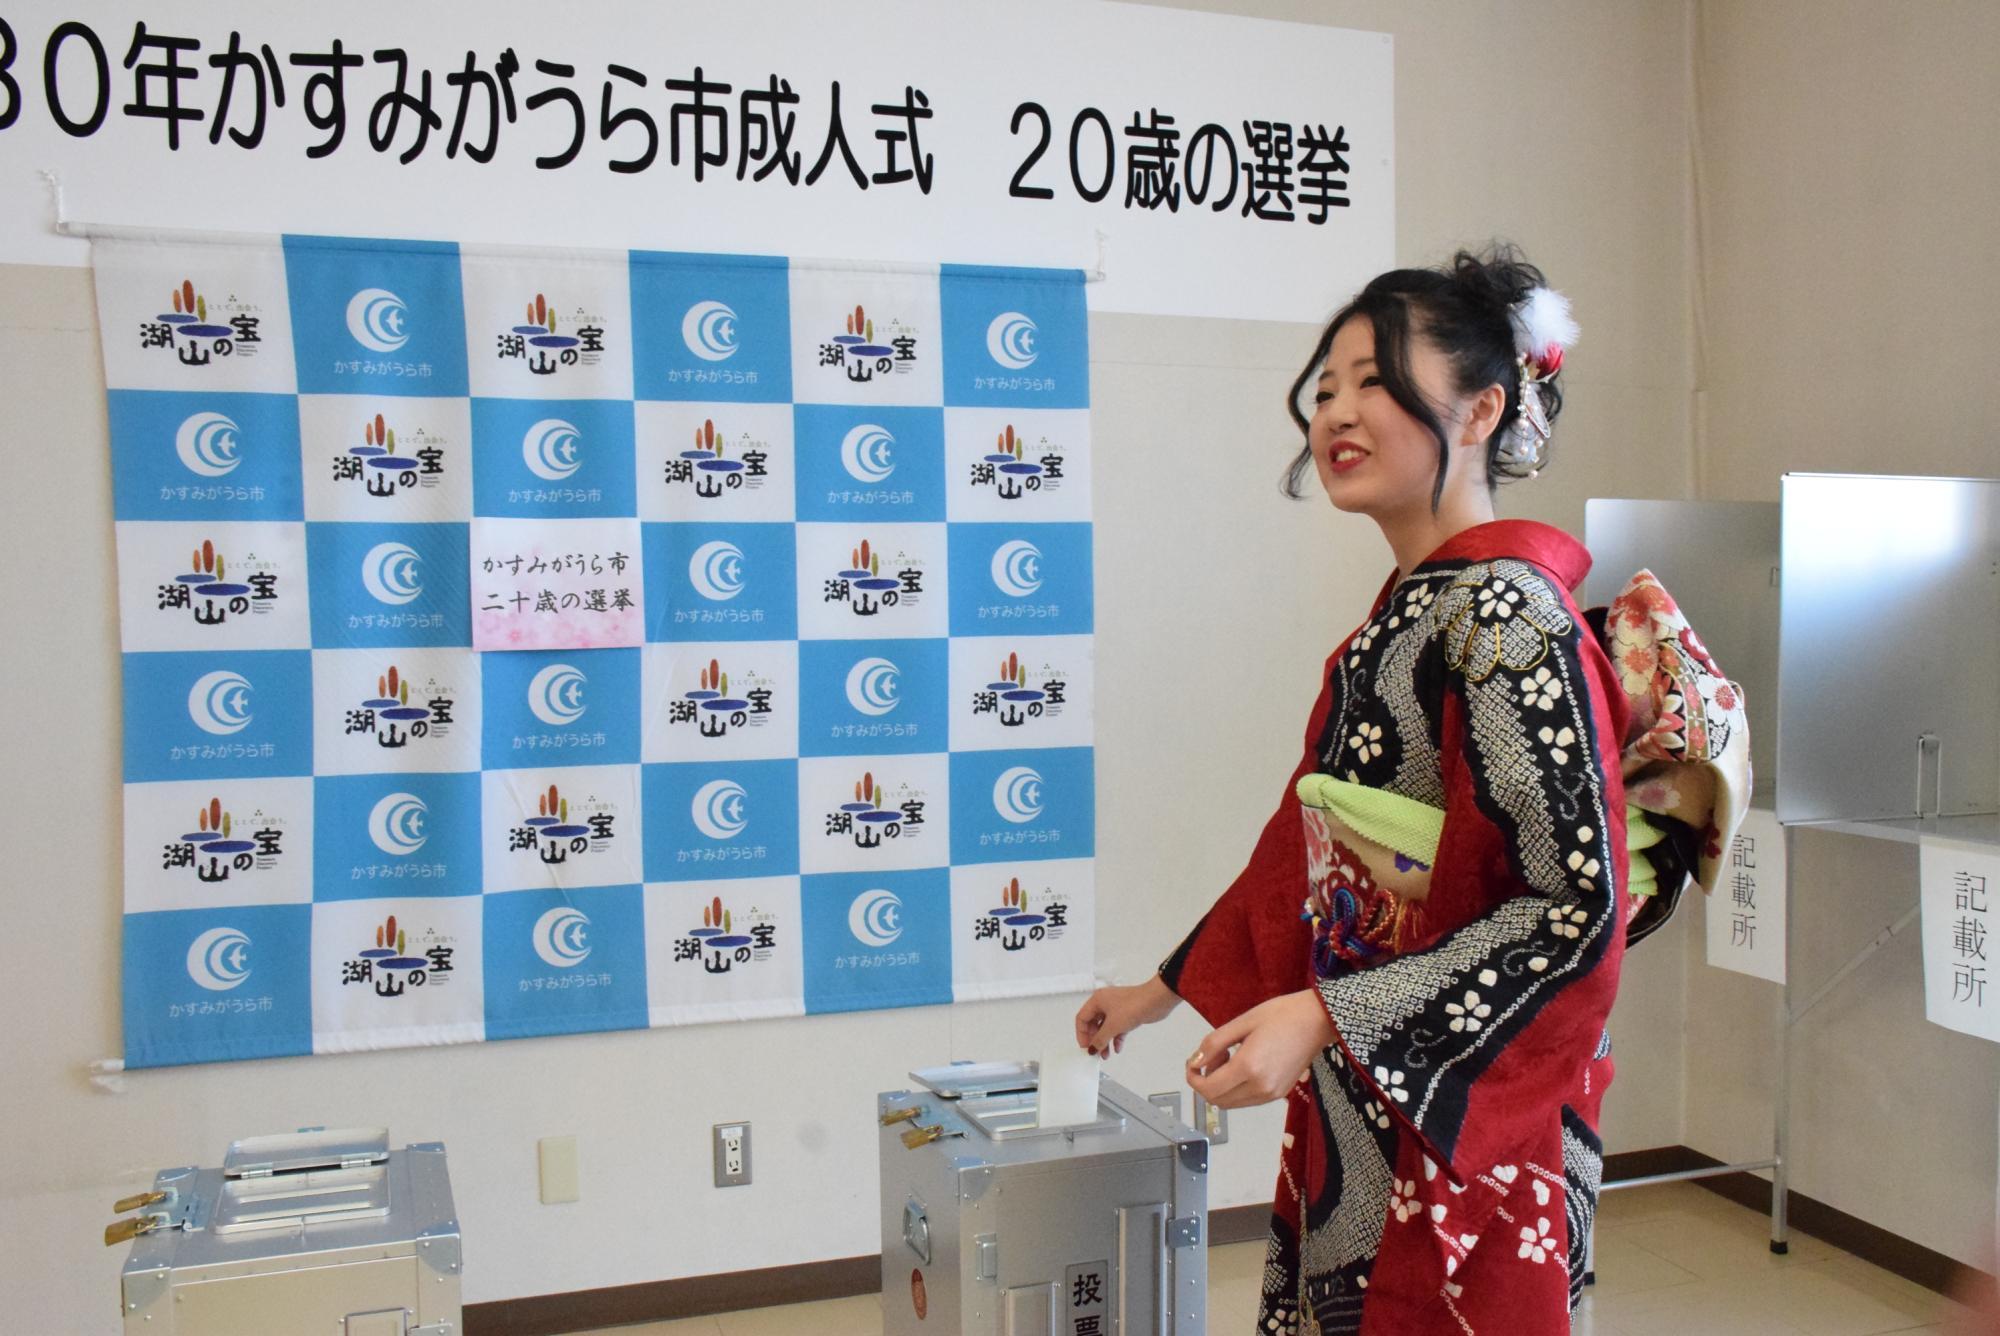 (3)20歳の選挙7